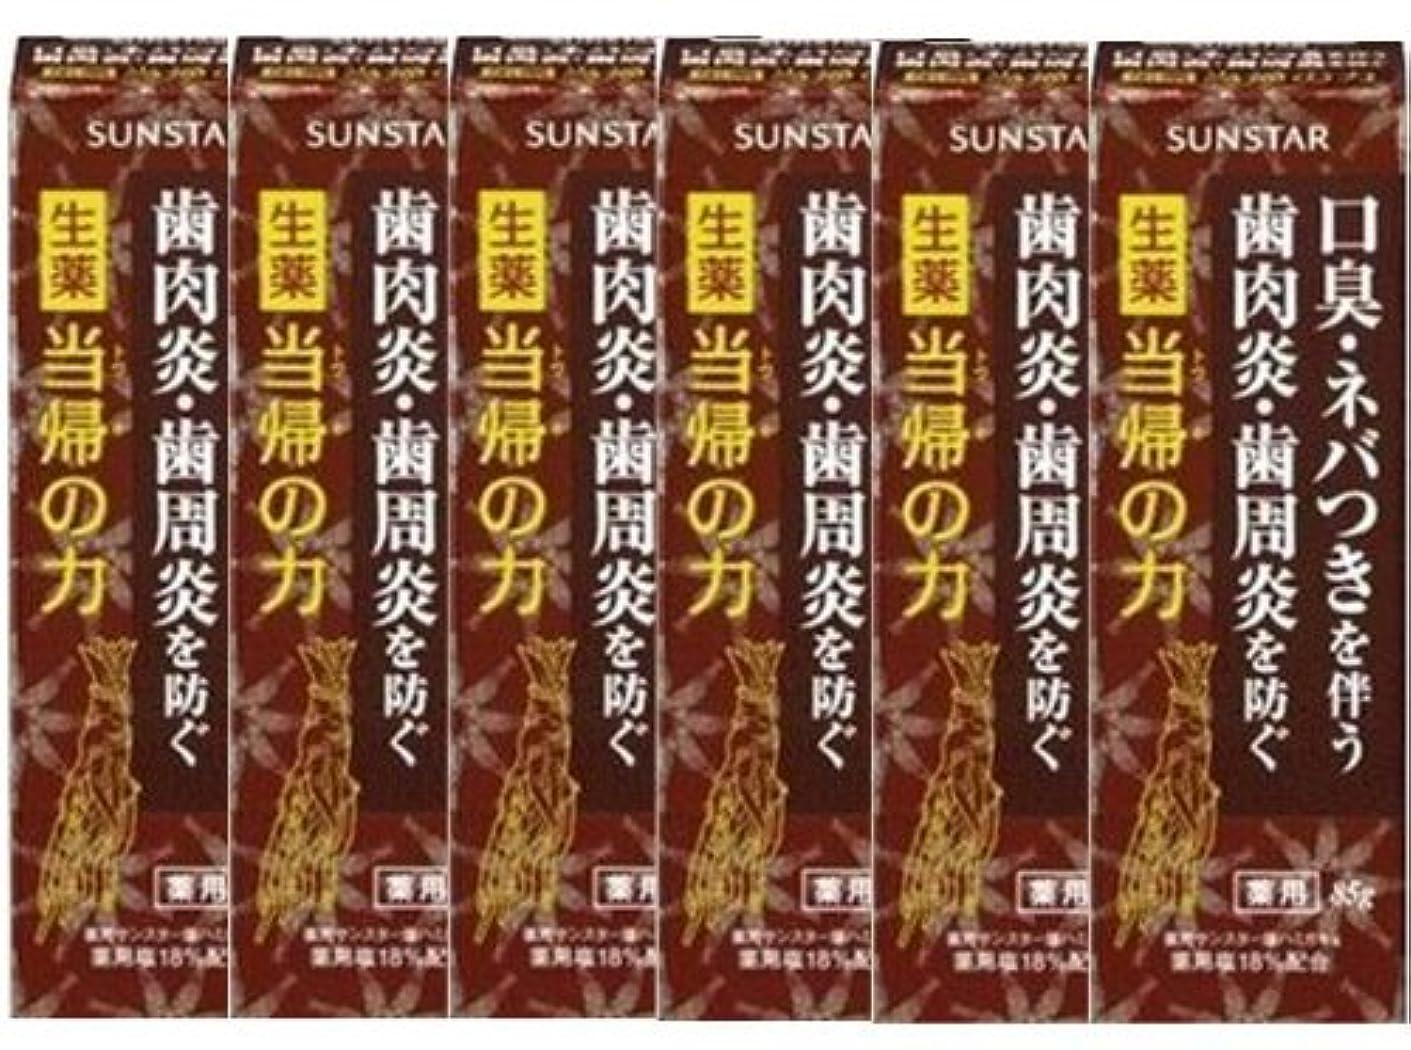 記念品弾丸コンチネンタル薬用ハミガキ 生薬 当帰の力 85g×6個セット